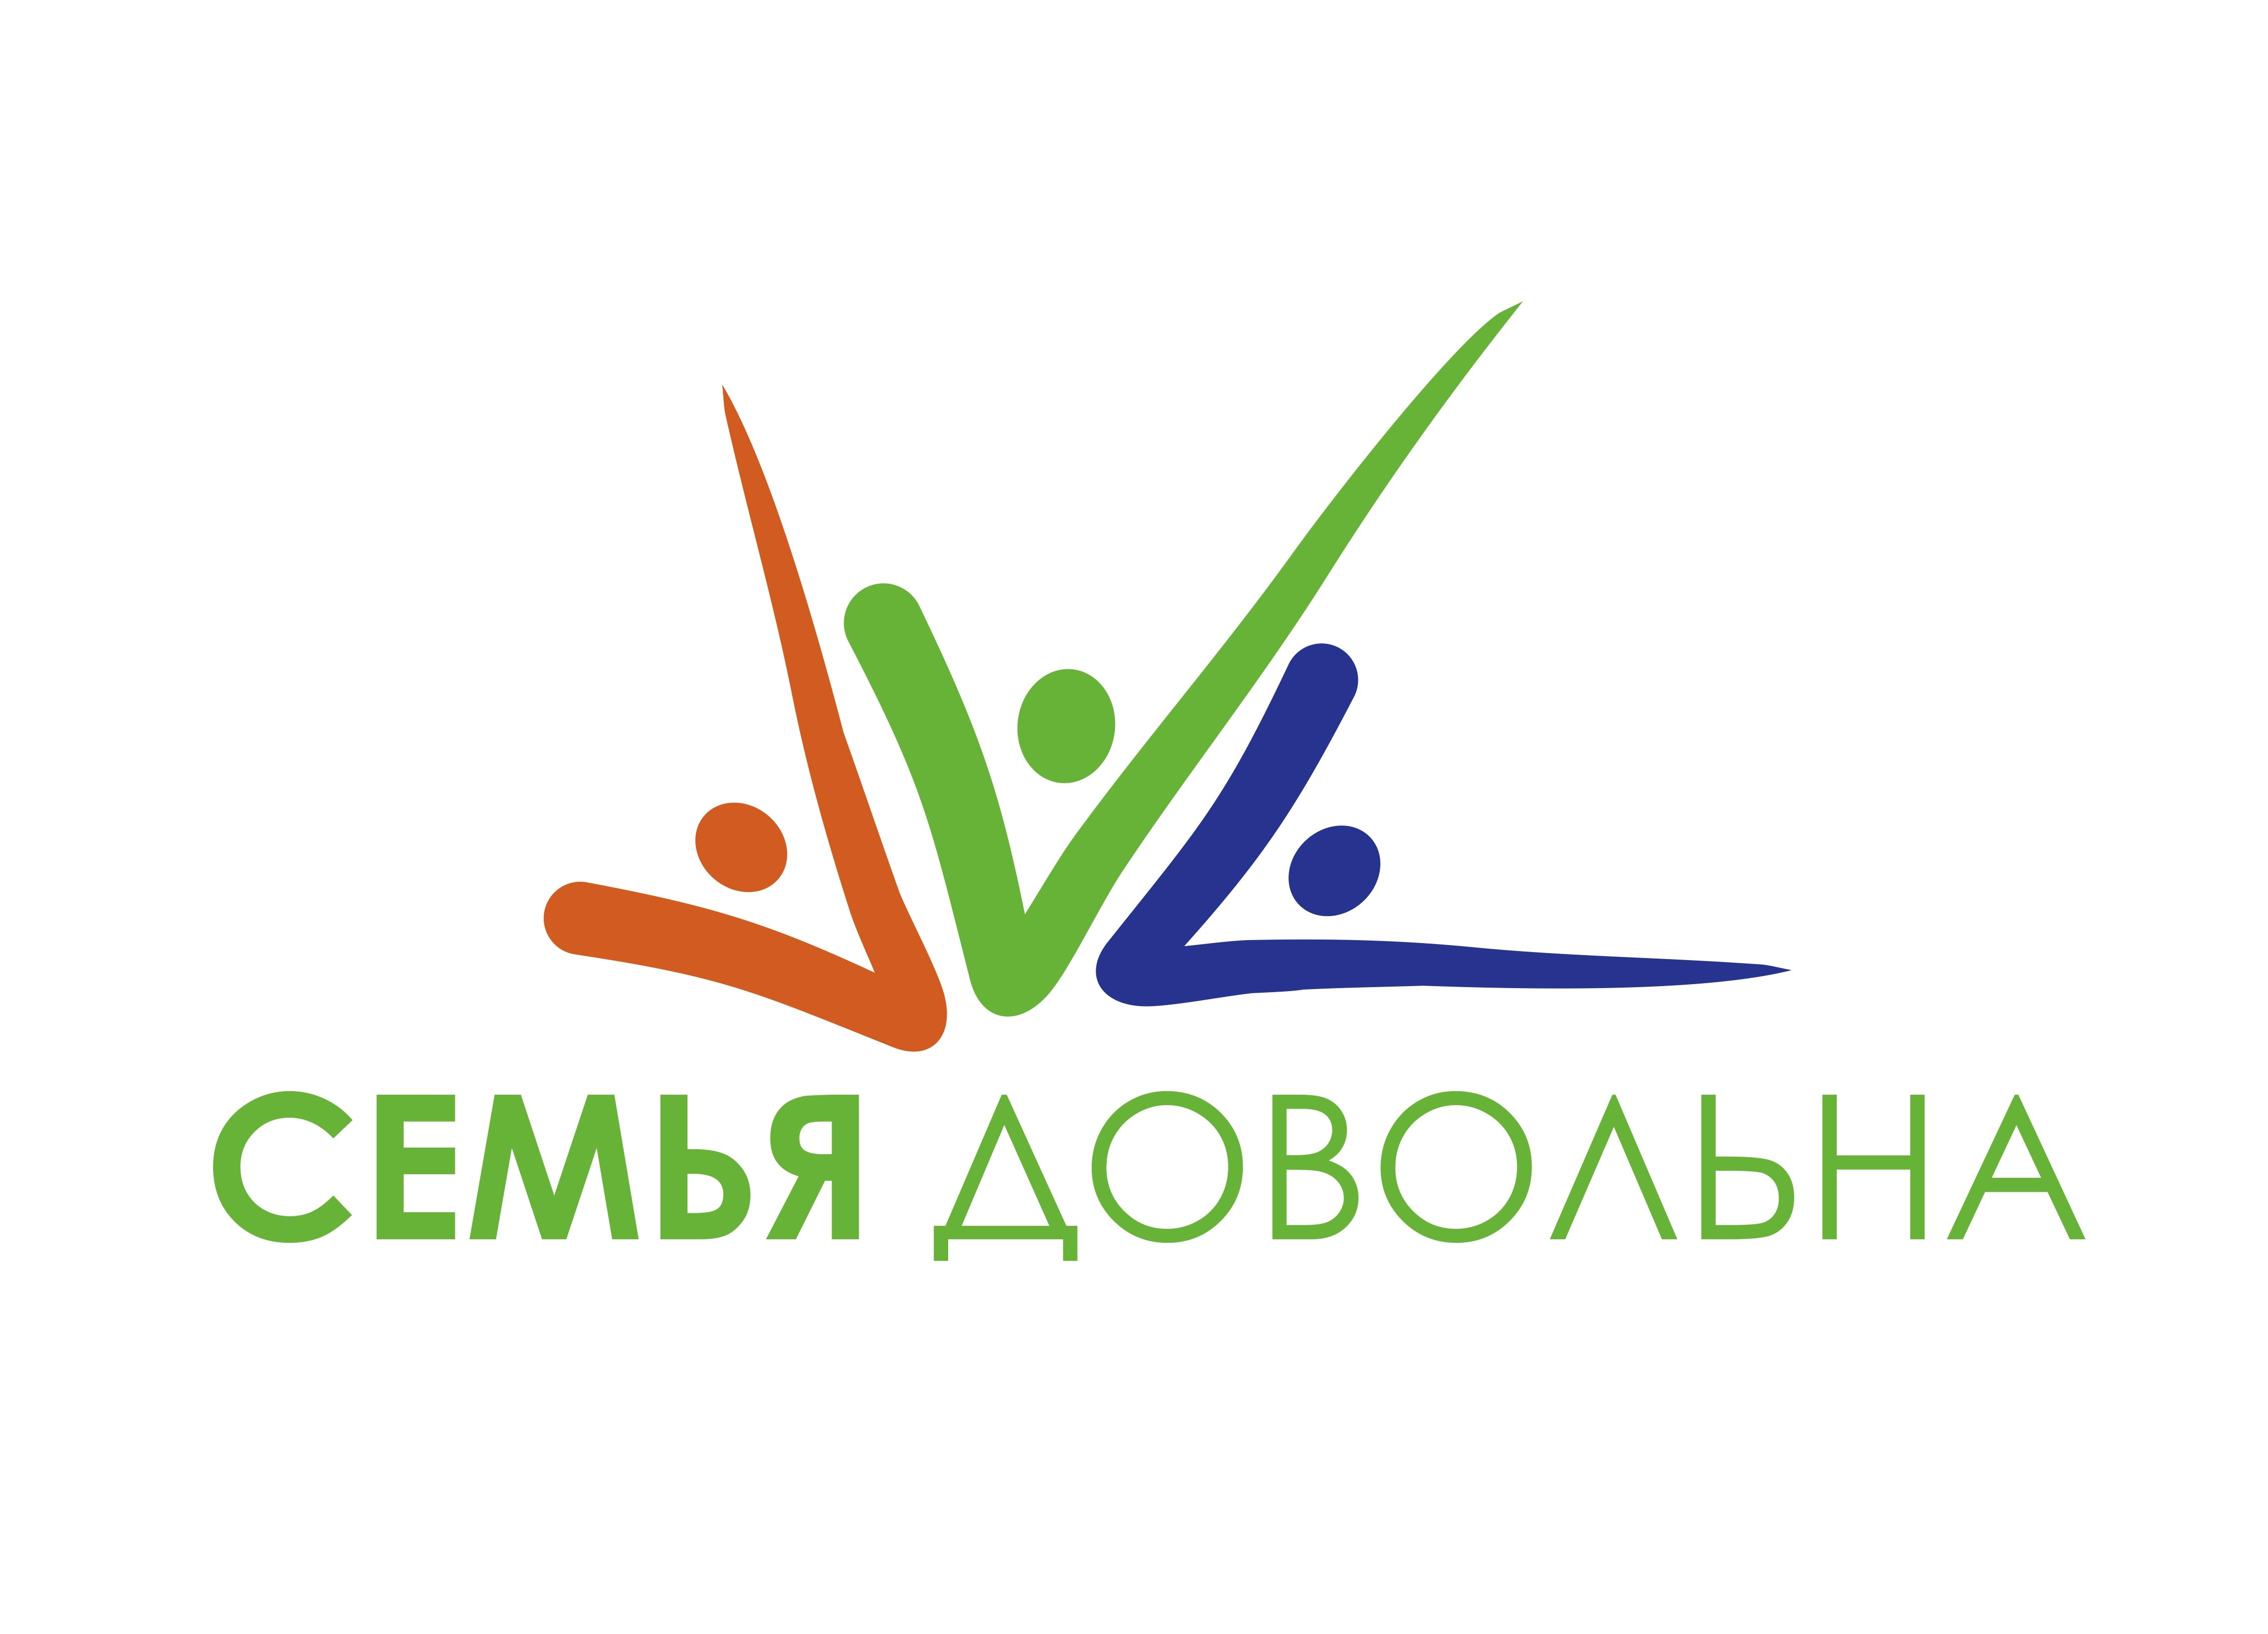 """Разработайте логотип для торговой марки """"Семья довольна"""" фото f_224596b9feae8a62.jpg"""